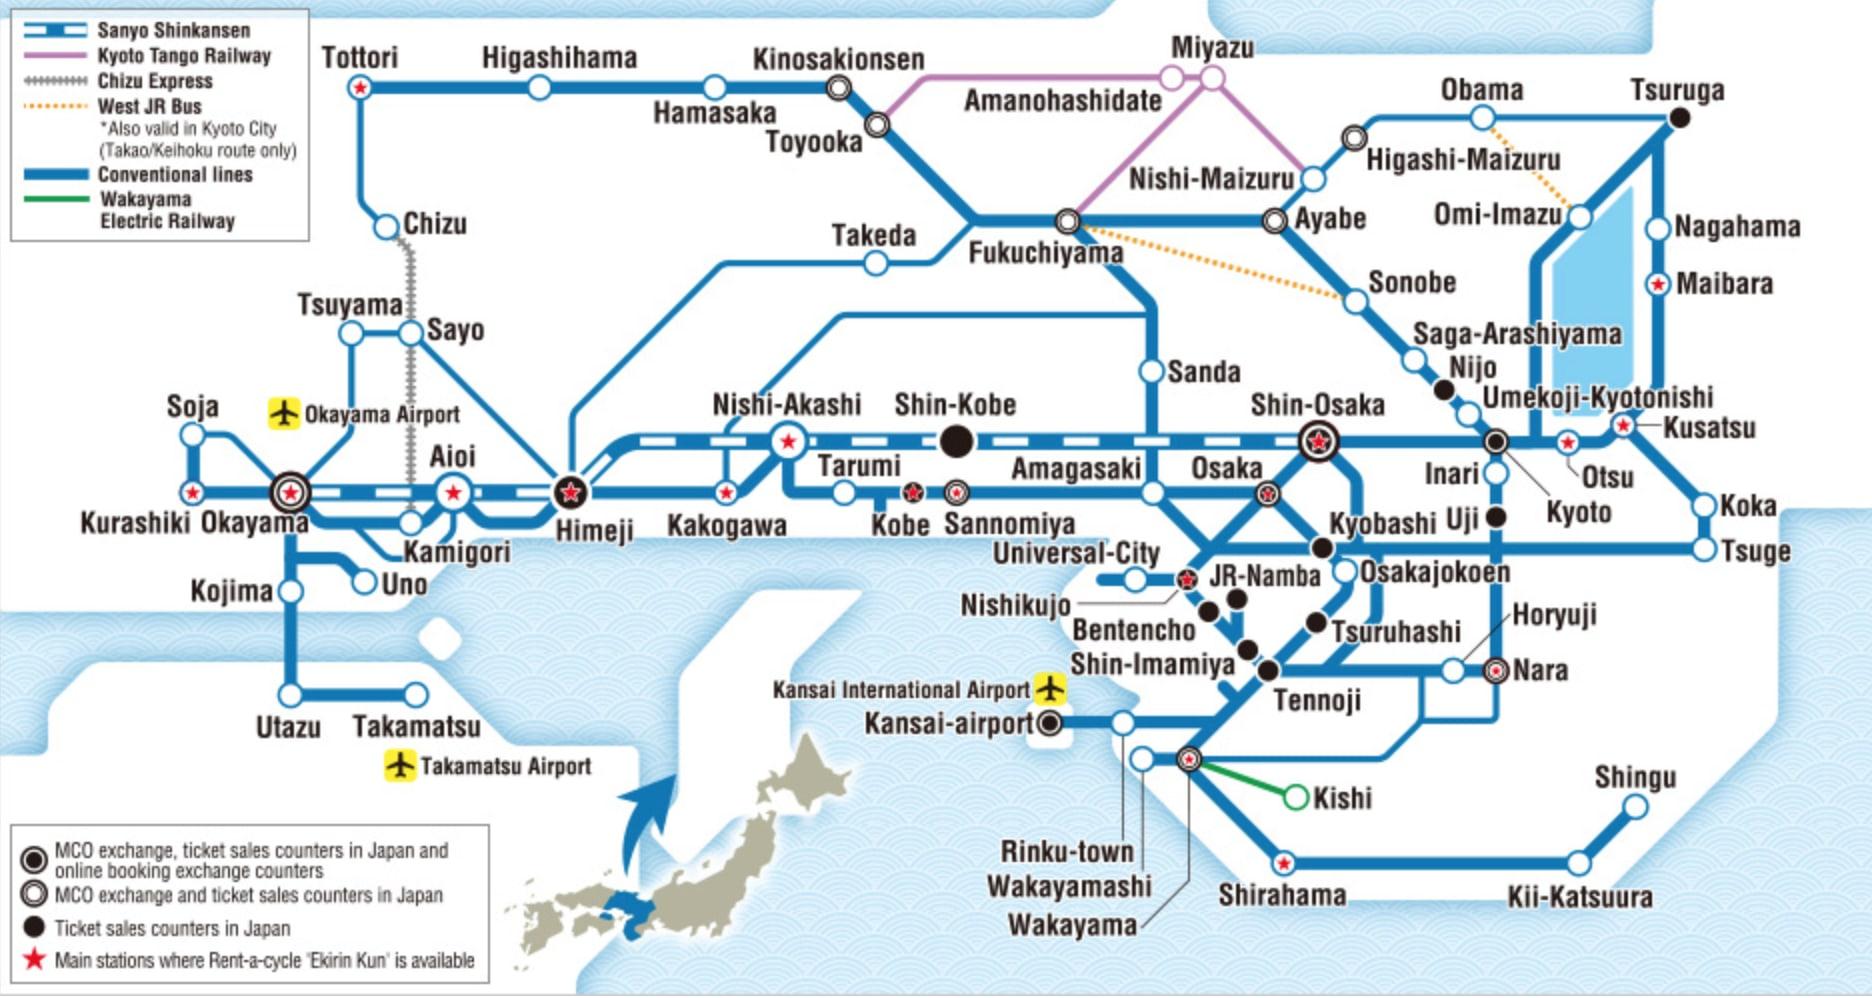 แผนที่พื้นที่ให้บริการของ jr kansai wide area